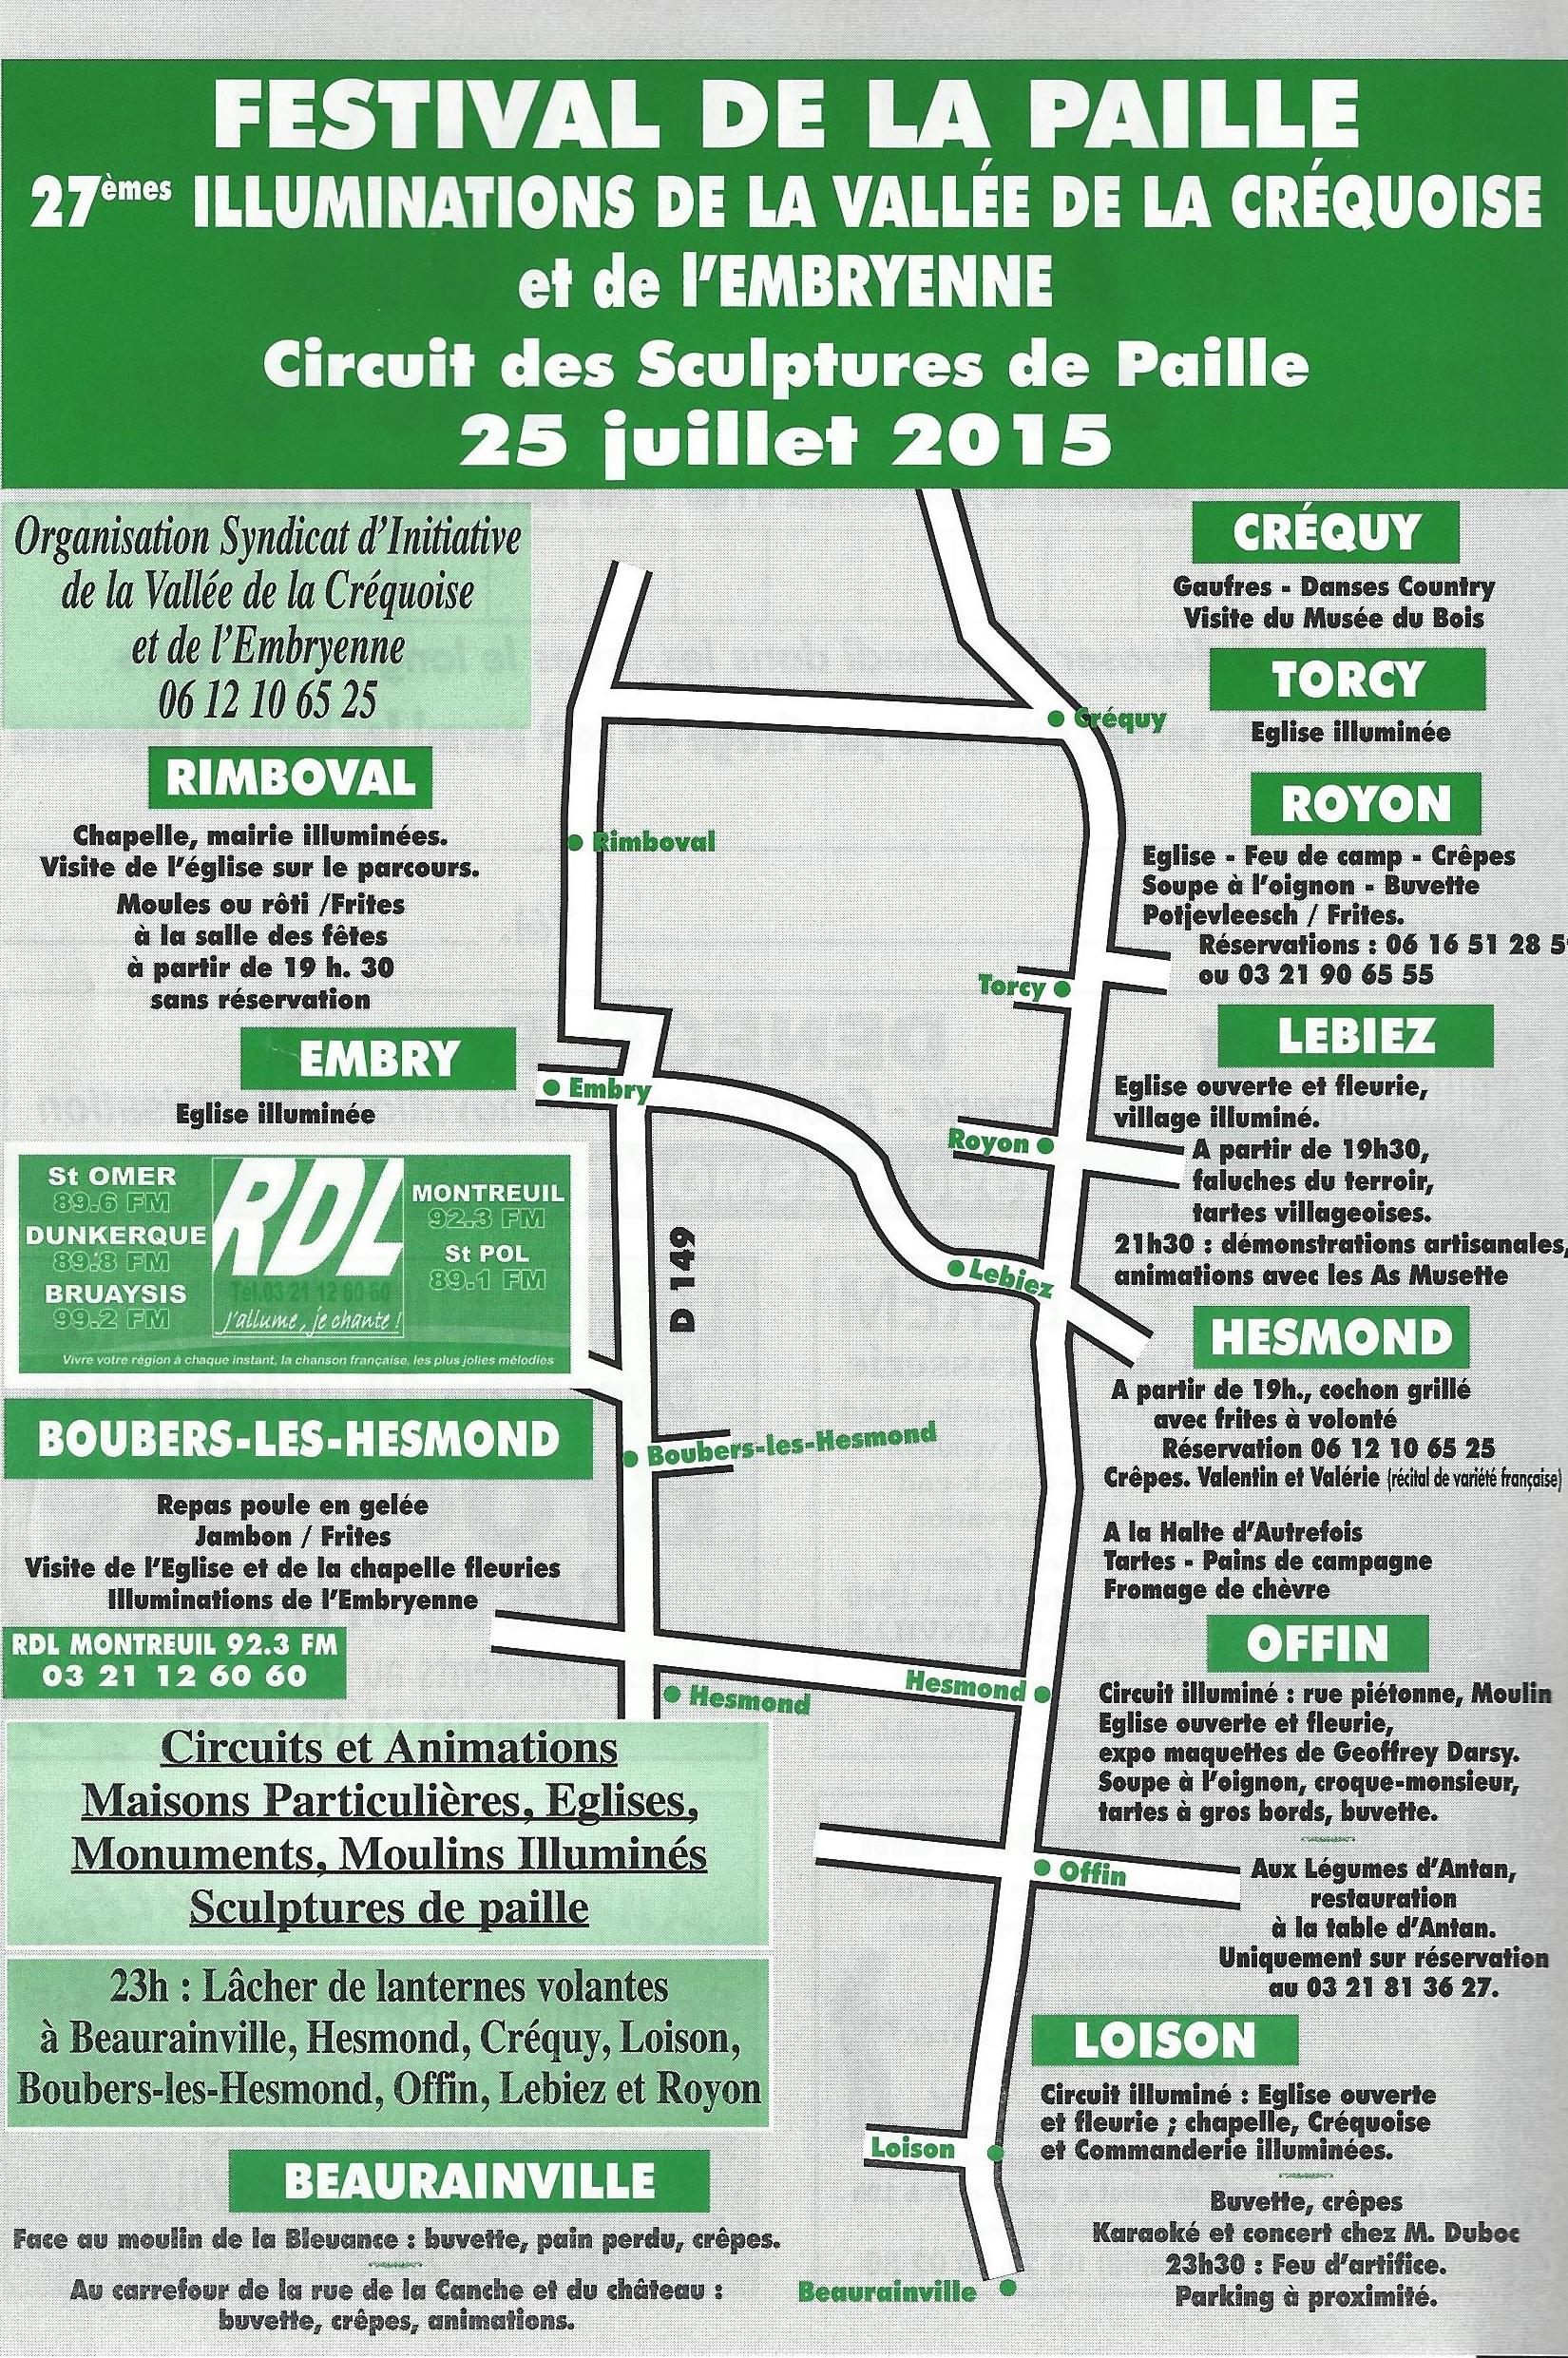 Festival De La Paille Oukankoi